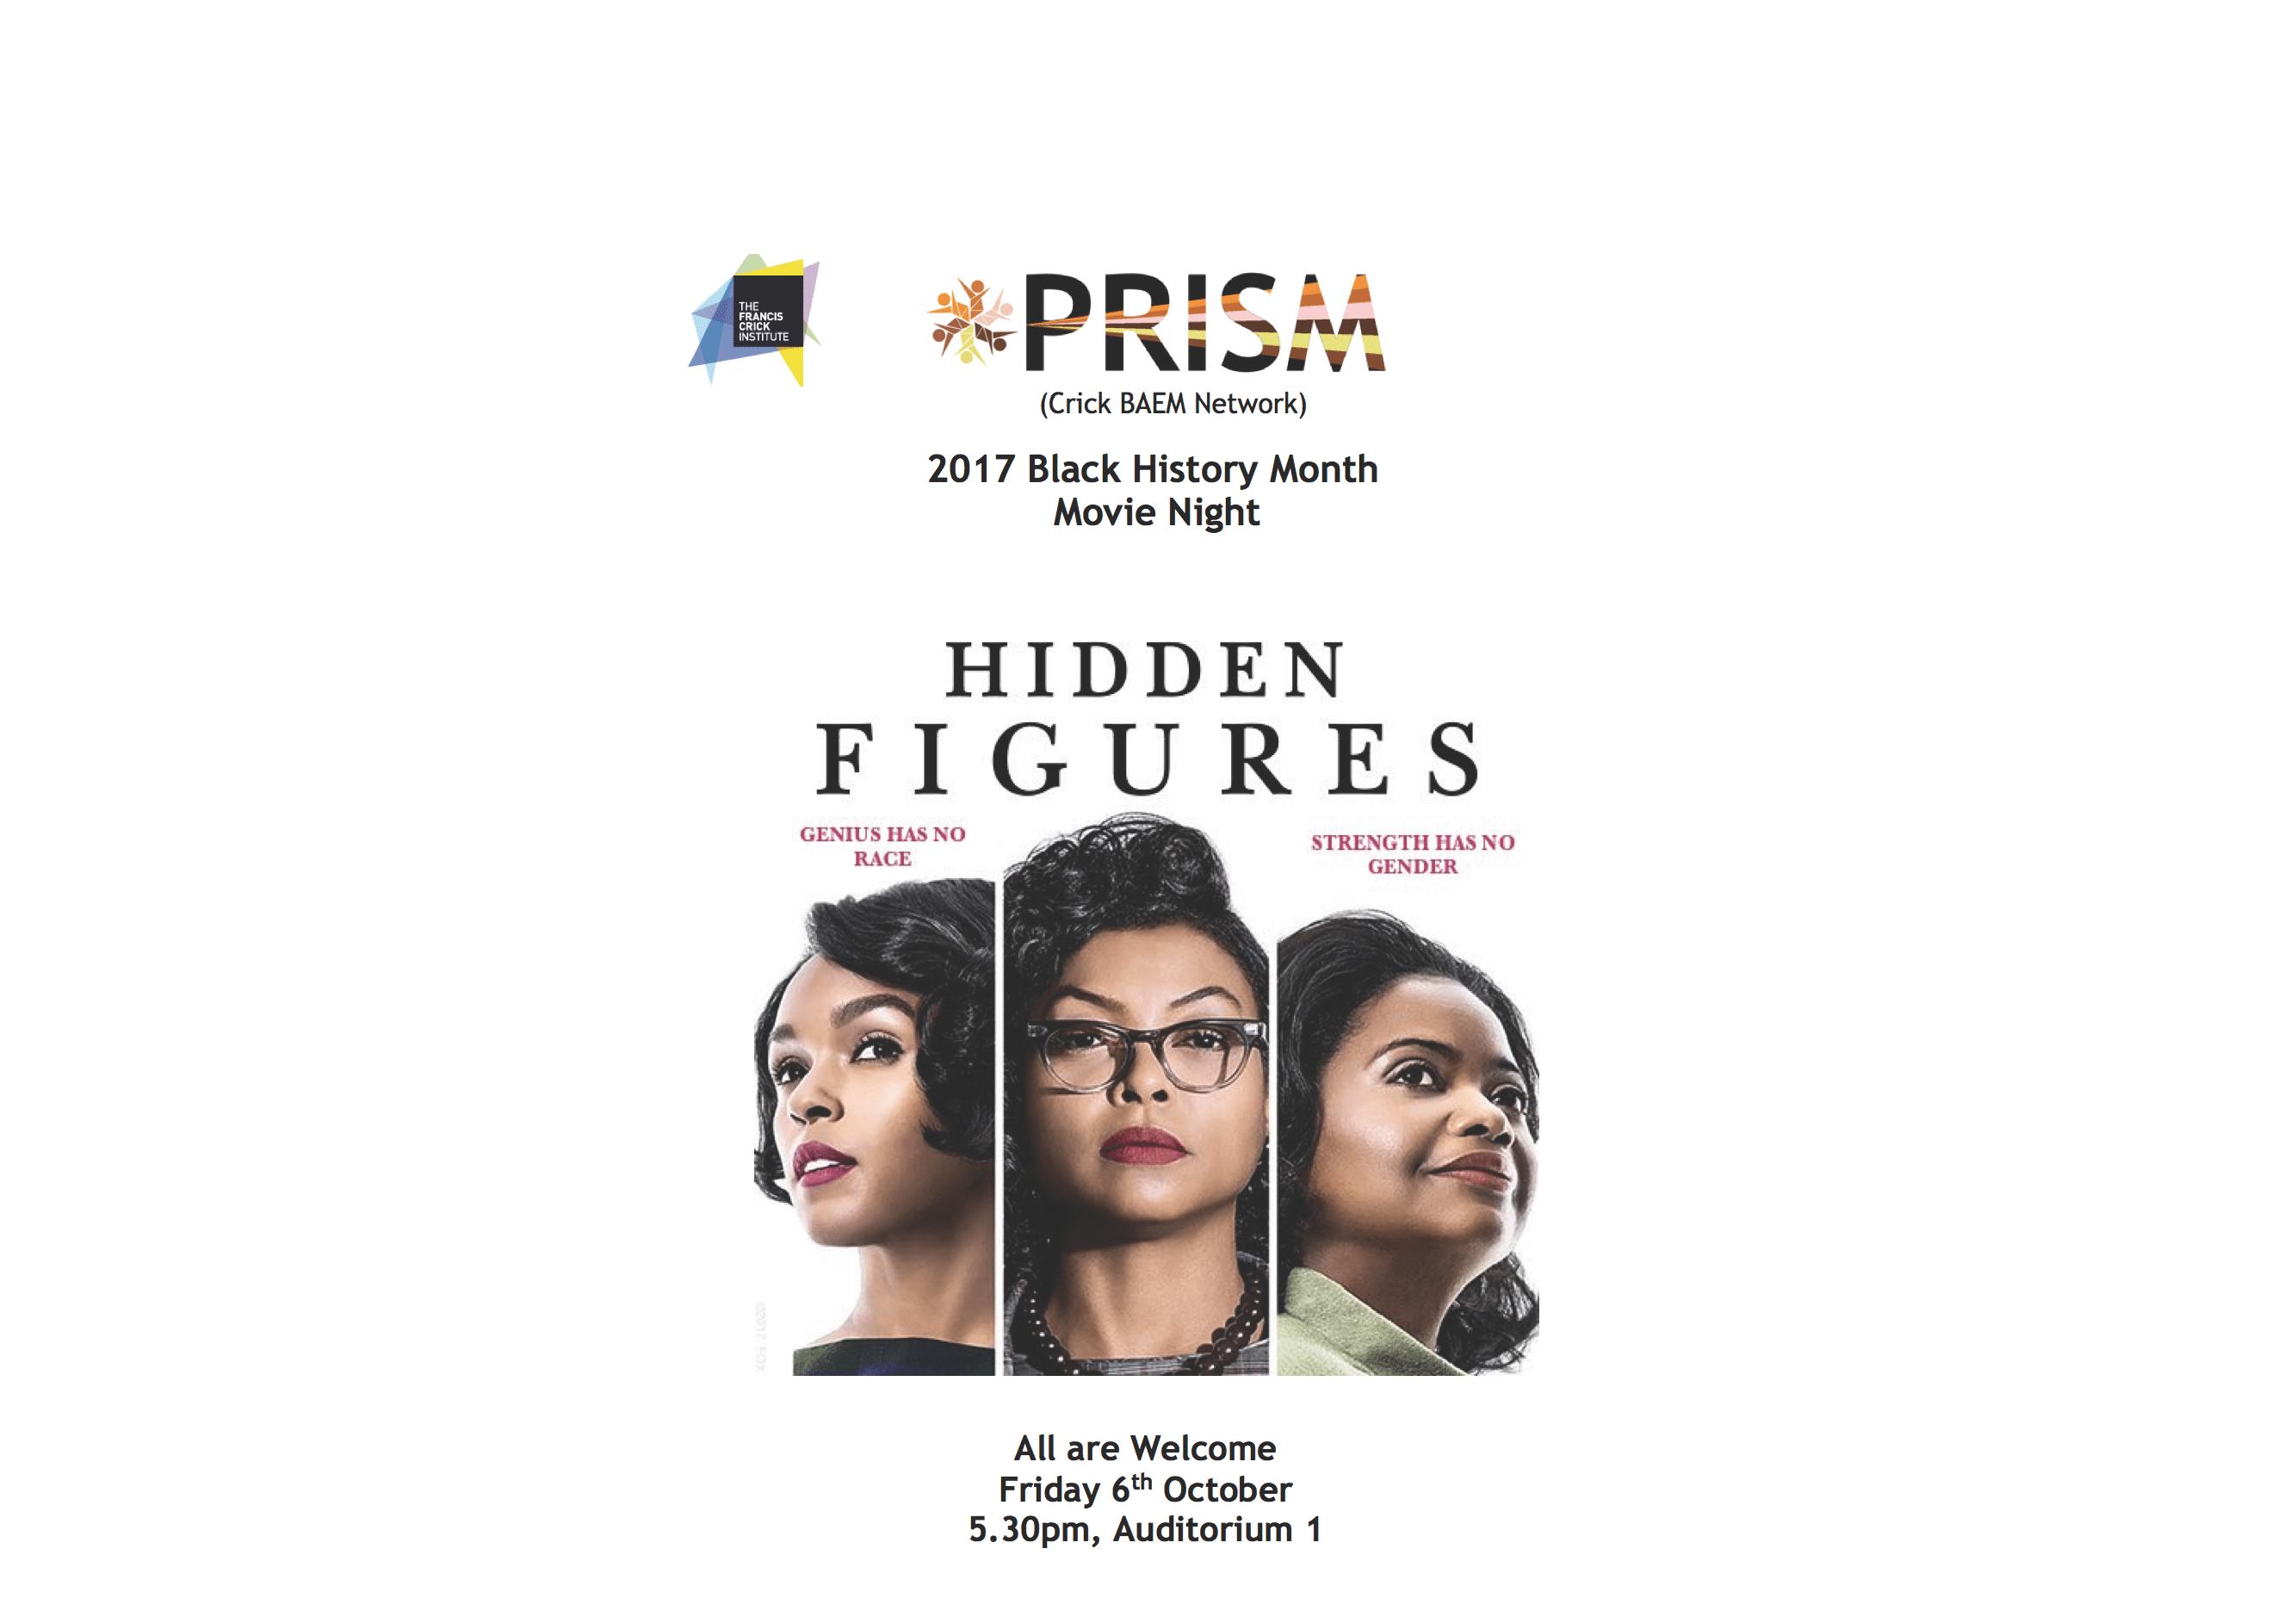 PRISM - Hidden Figures Movie Screening | Blacknet UK